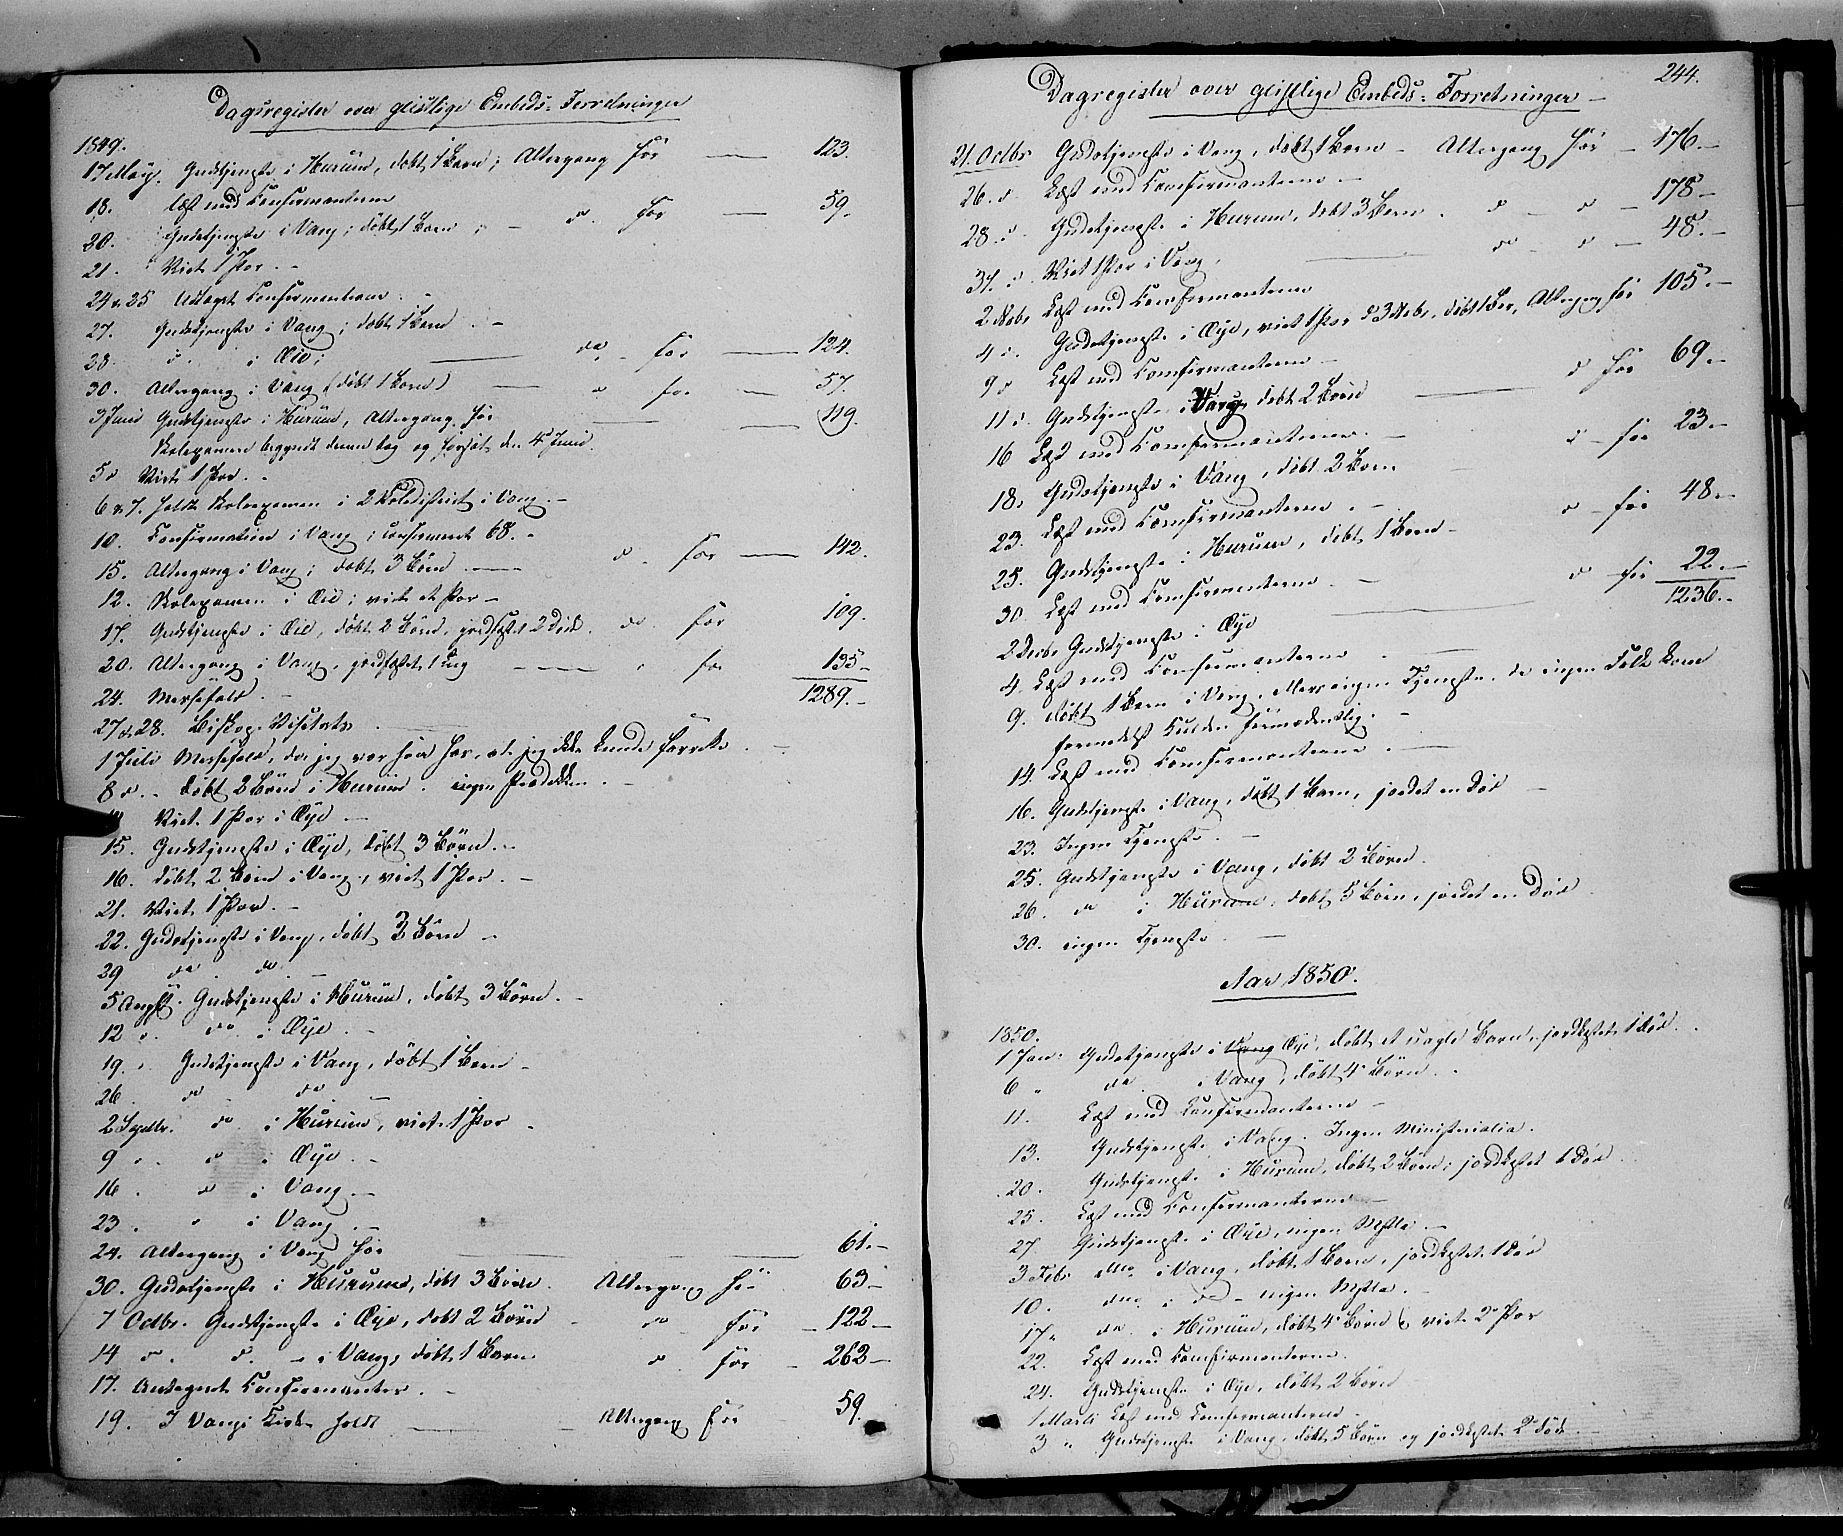 SAH, Vang prestekontor, Valdres, Ministerialbok nr. 6, 1846-1864, s. 244